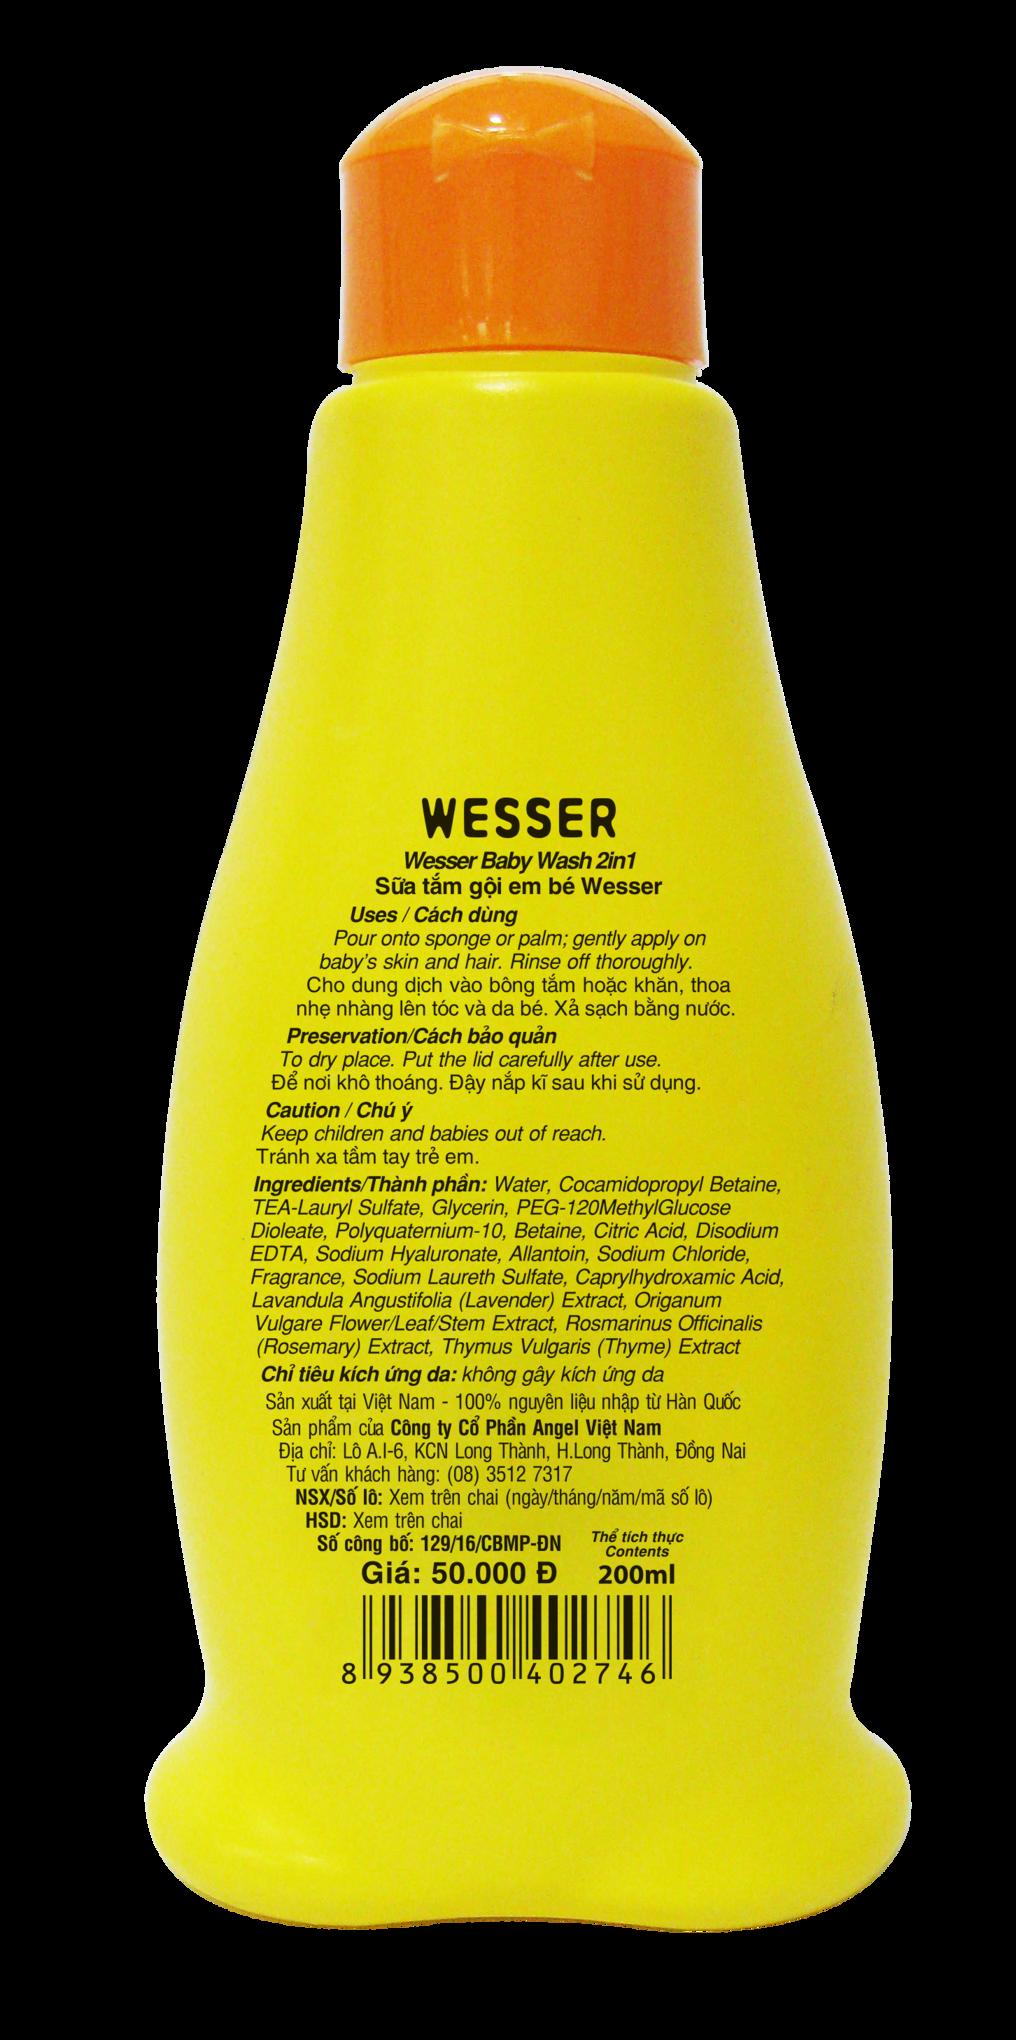 Sữa tắm gội Wesser 2 in 1 200ml (cam) (Sau)